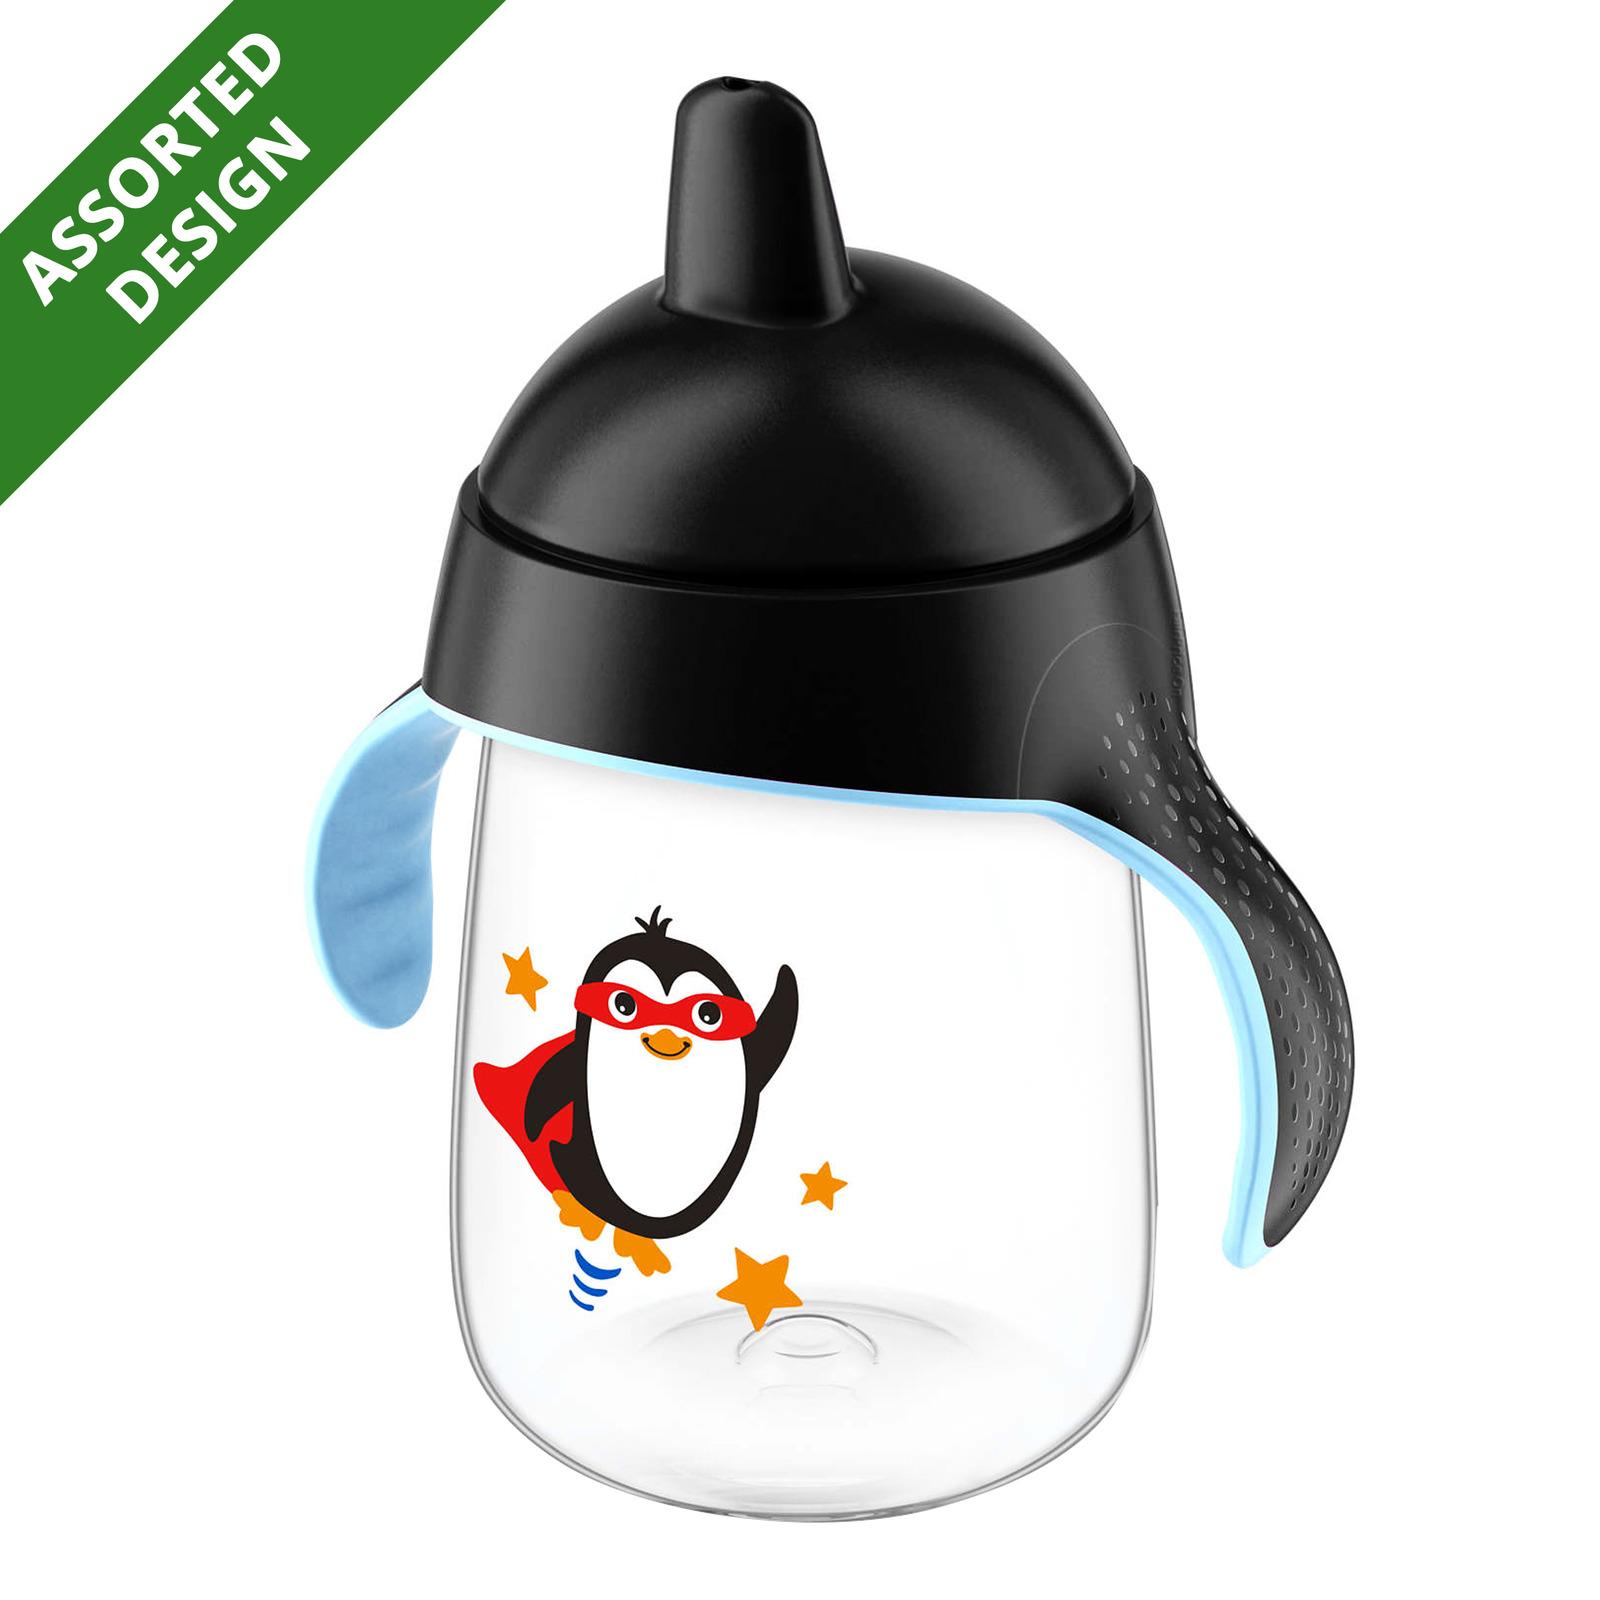 Philips Avent Premium Spout Cup (18+ months)